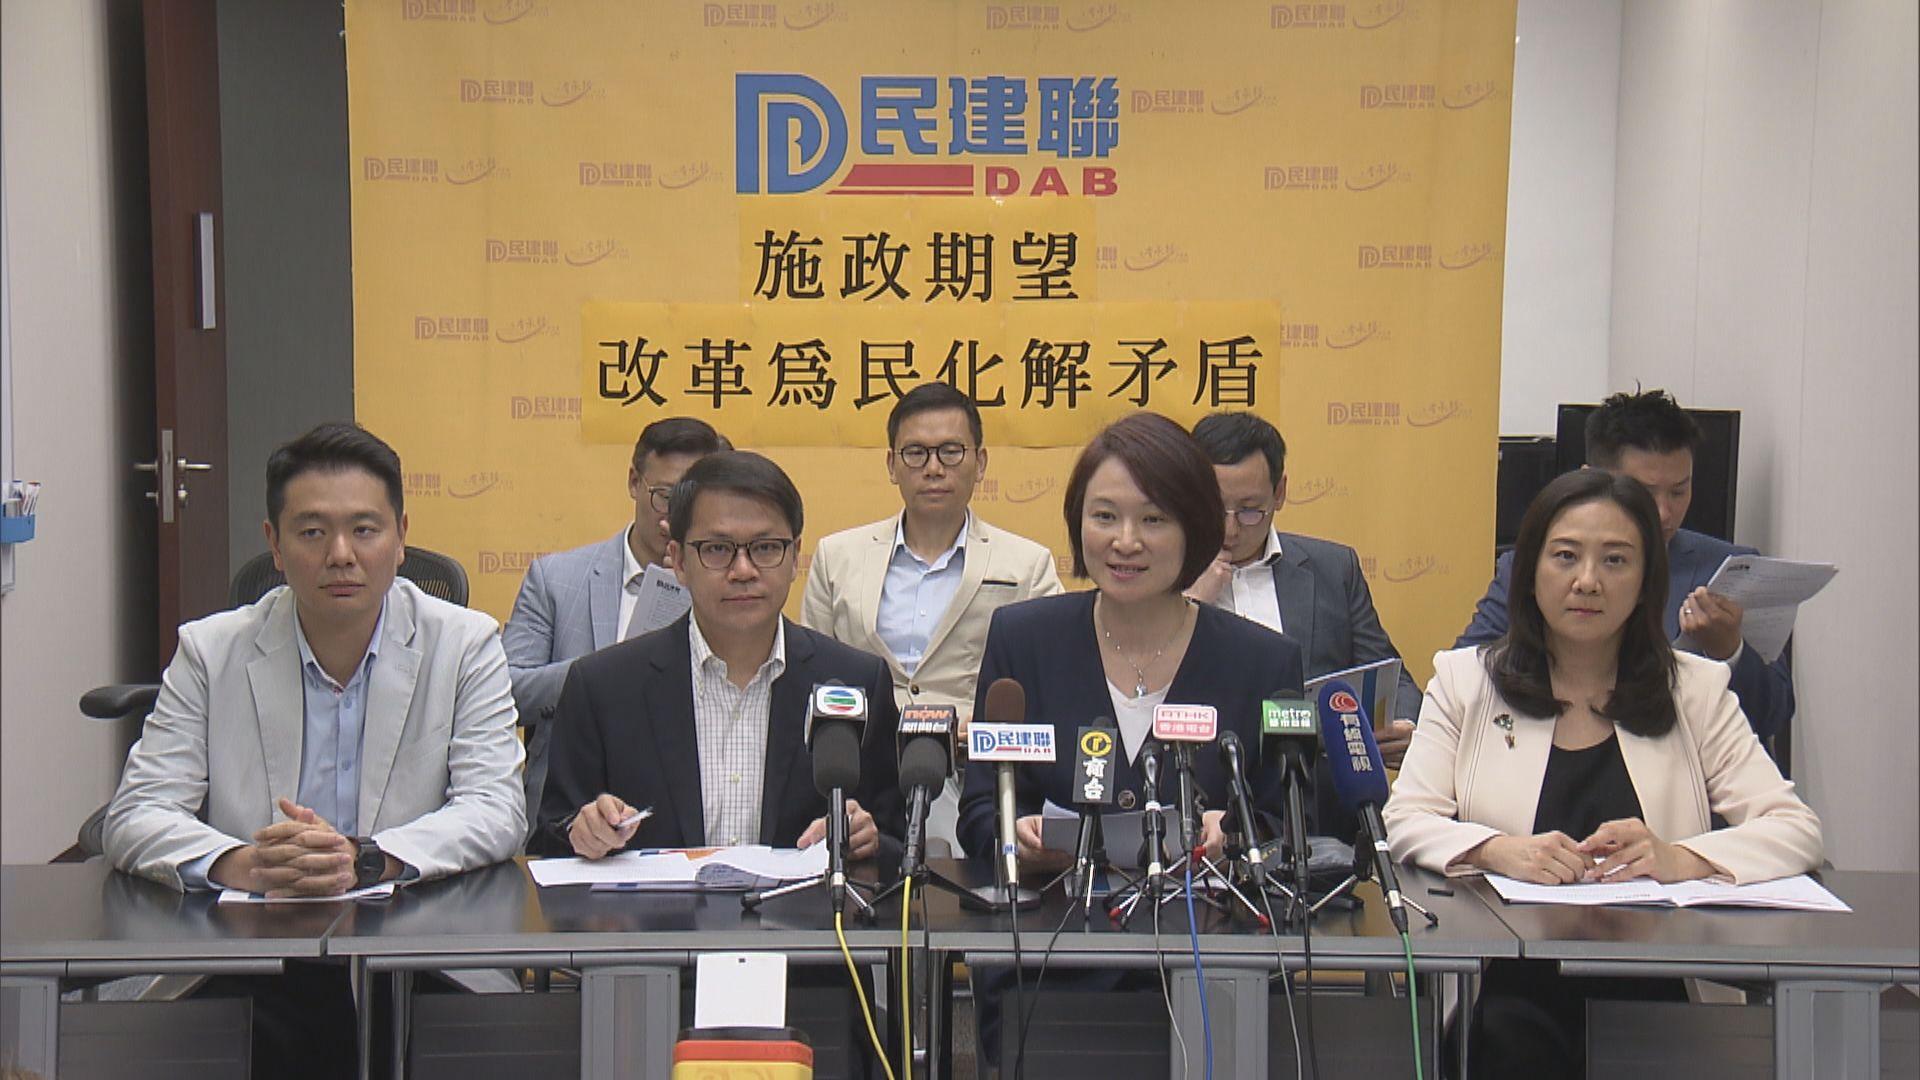 多個政團建議政府增加房屋供應